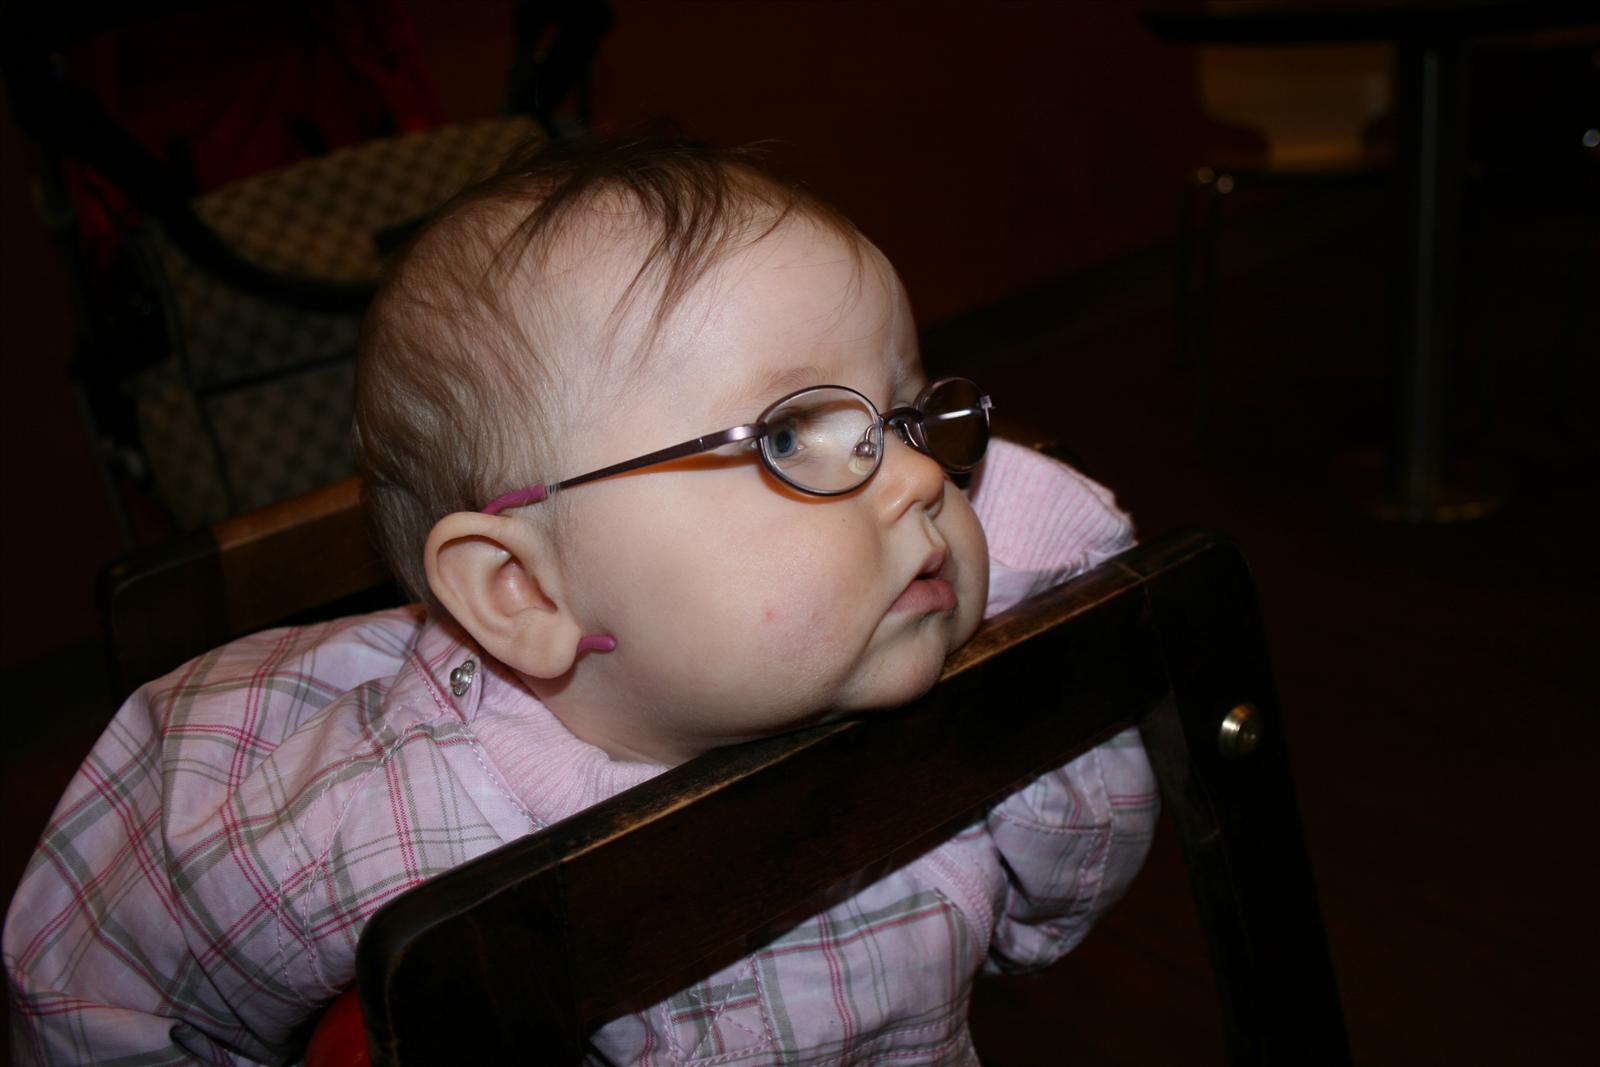 Få glasögonen att sitta på - 20 - Tips   råd - Barn iFokus fd0c76e4b64a1